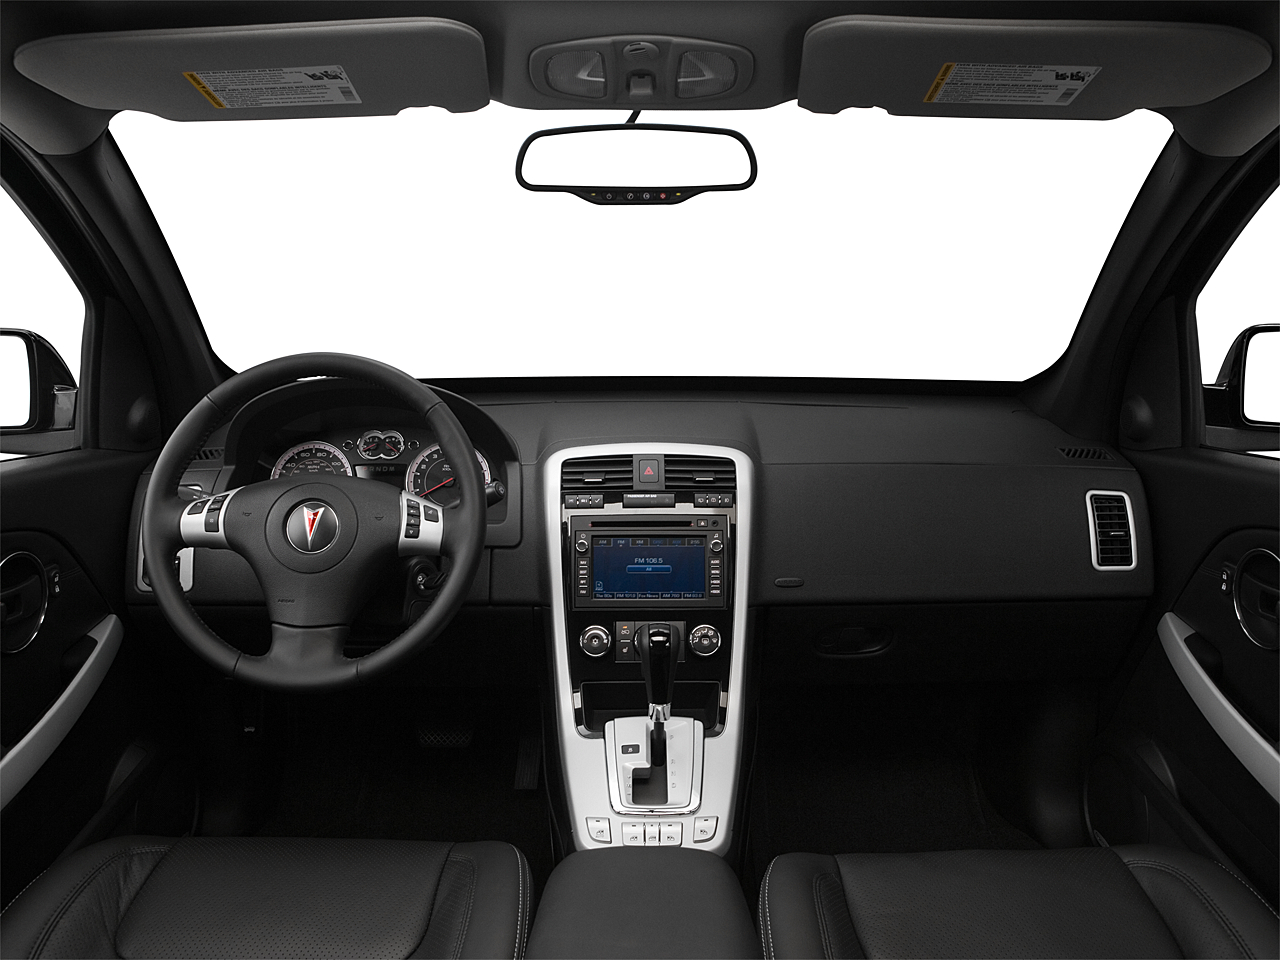 2008 Pontiac Tor Gxp Centered Wide Dash Shot